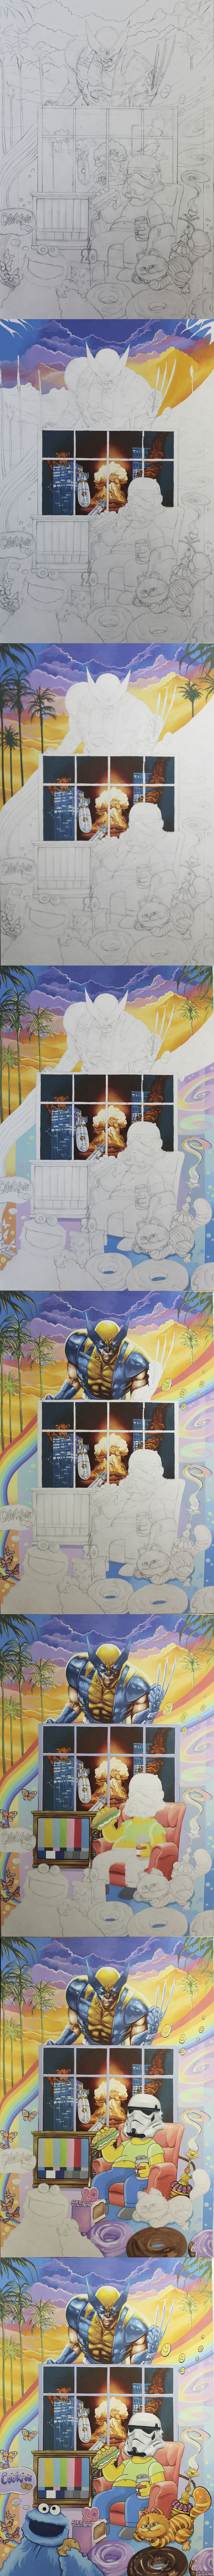 Попросили нарисовать нескольких персонажей